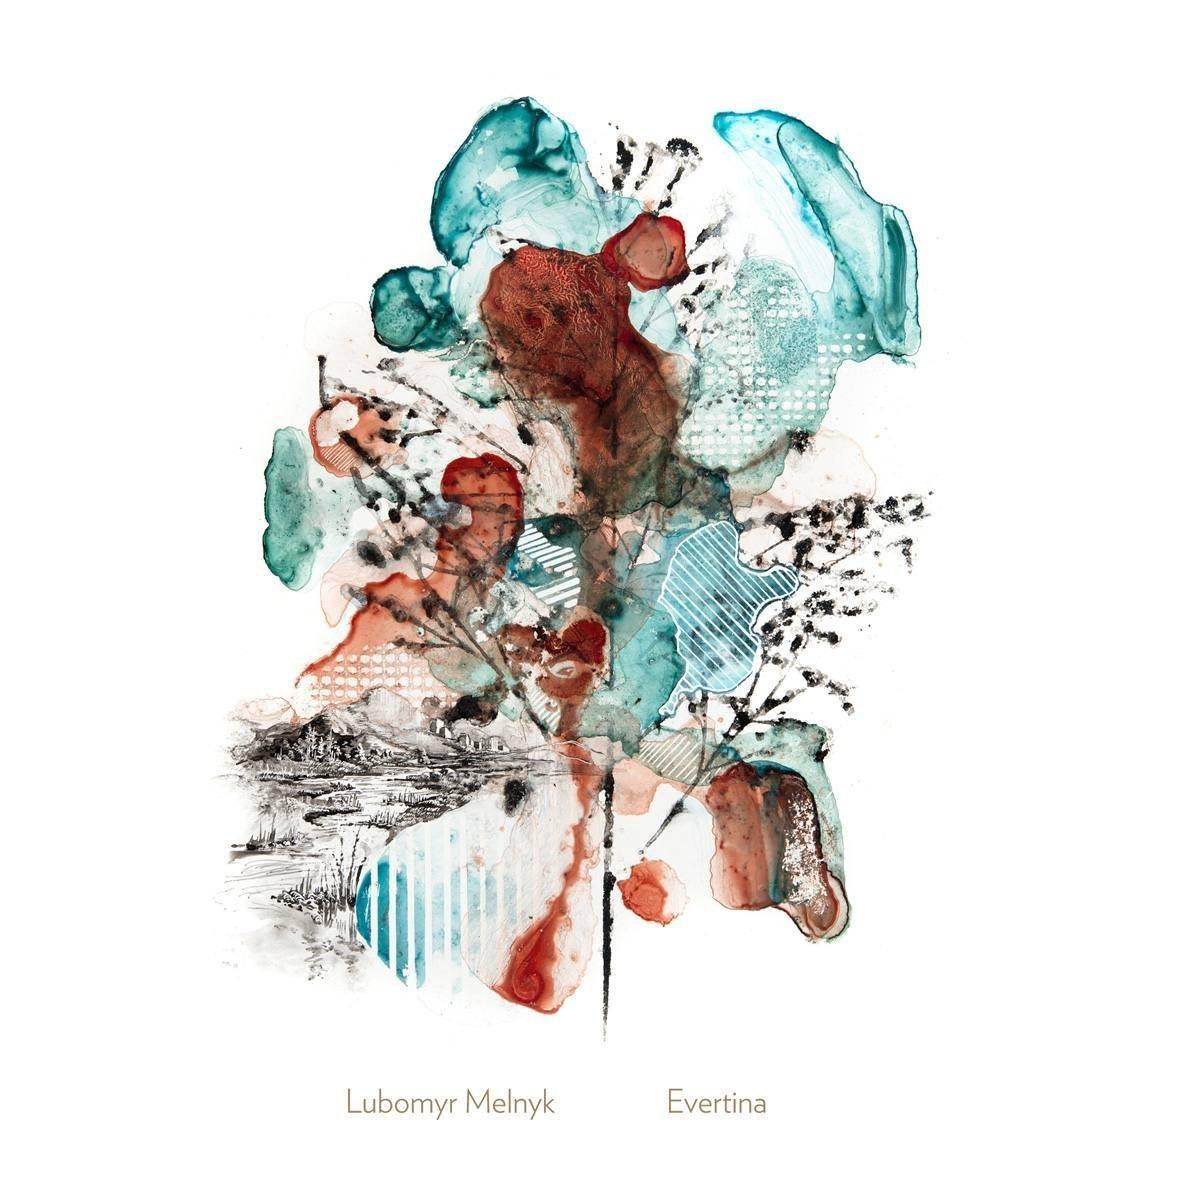 Lubomyr Melnyk - Evertina (2014)